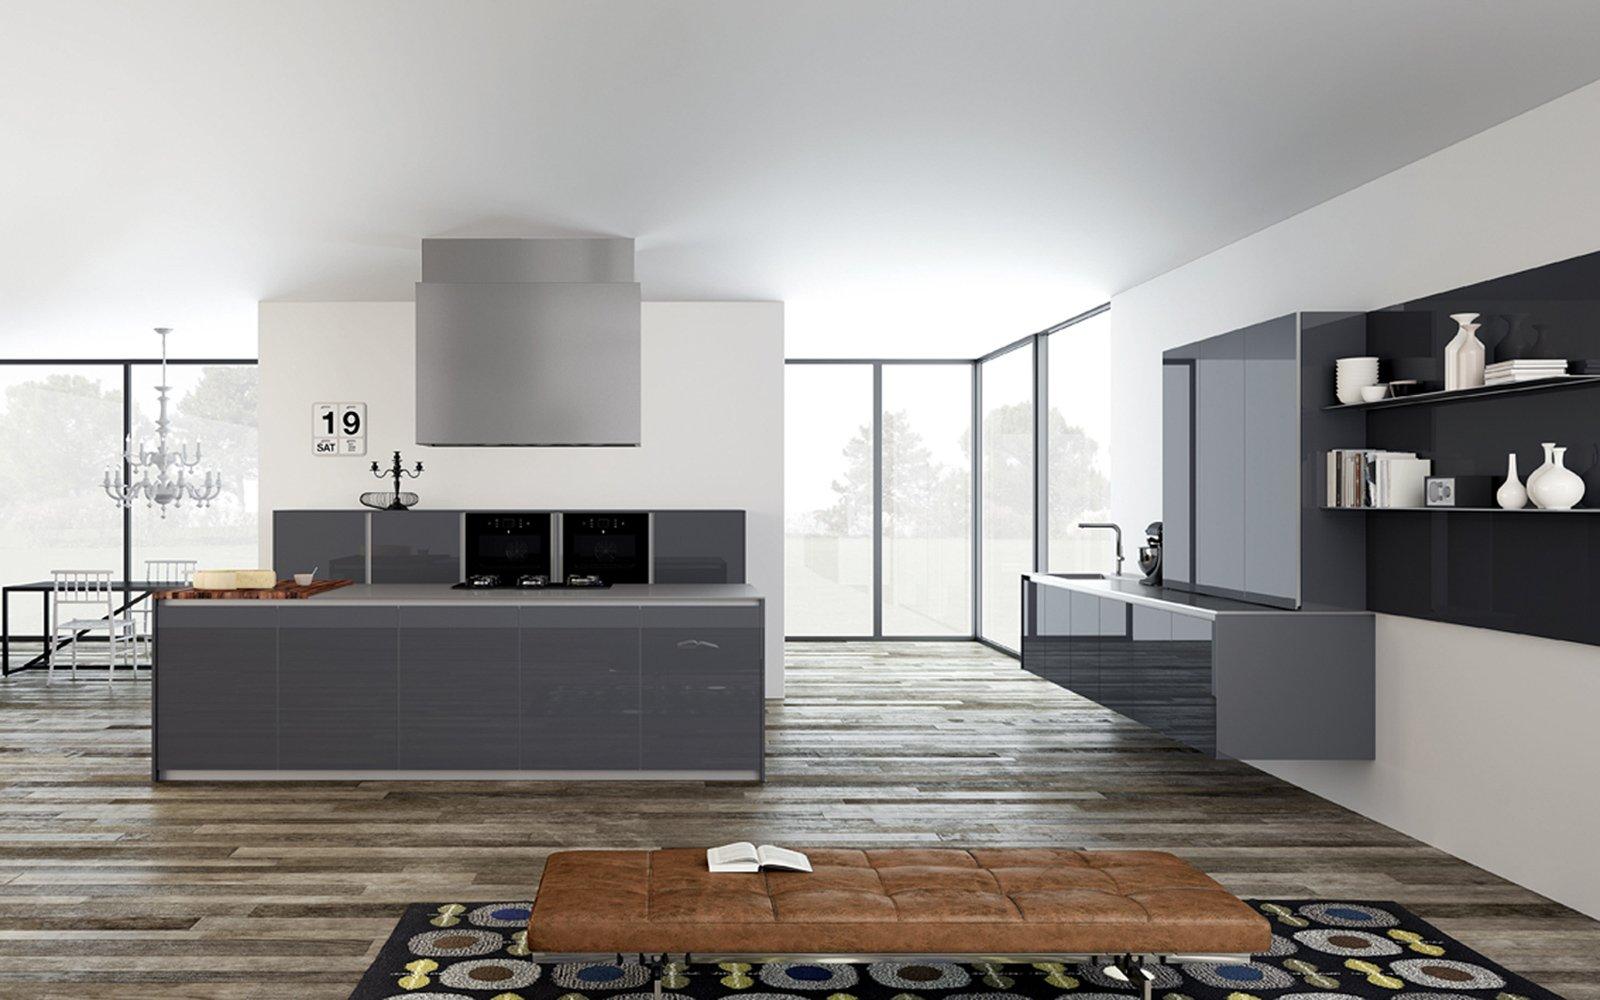 Cucine in vetro con superfici a specchio for Interni minimalisti